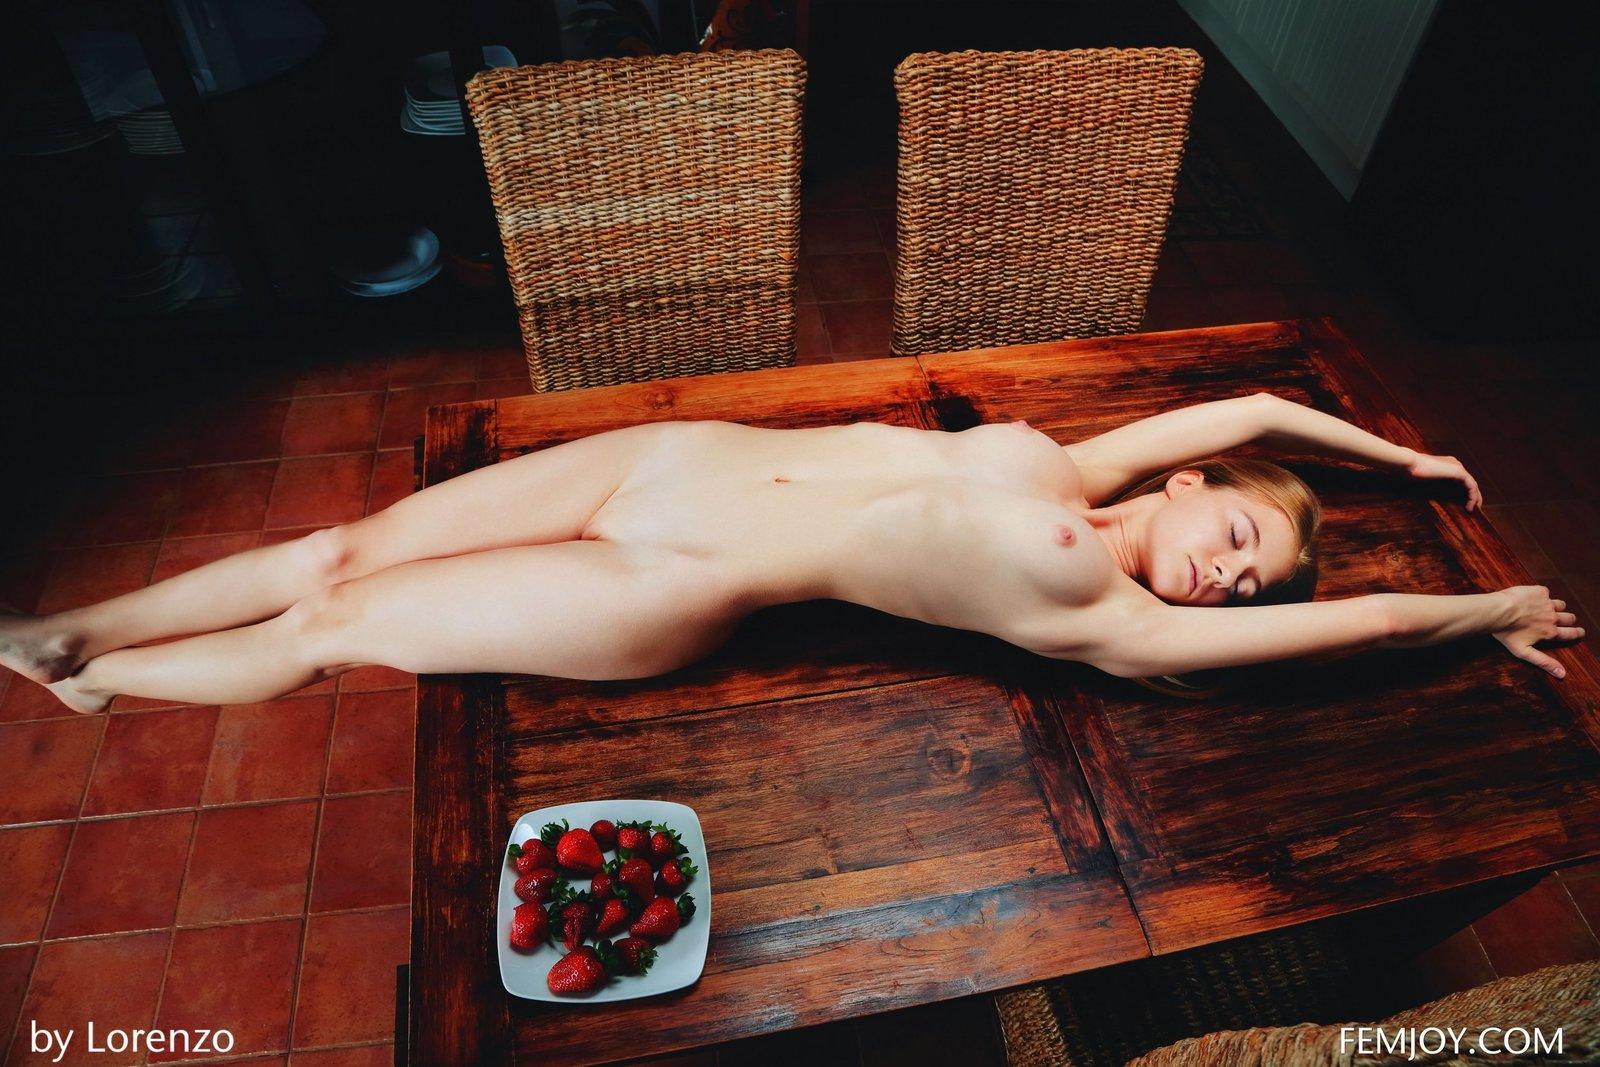 Zdjęcie porno - 0619 - Różowe otworki młodej laski